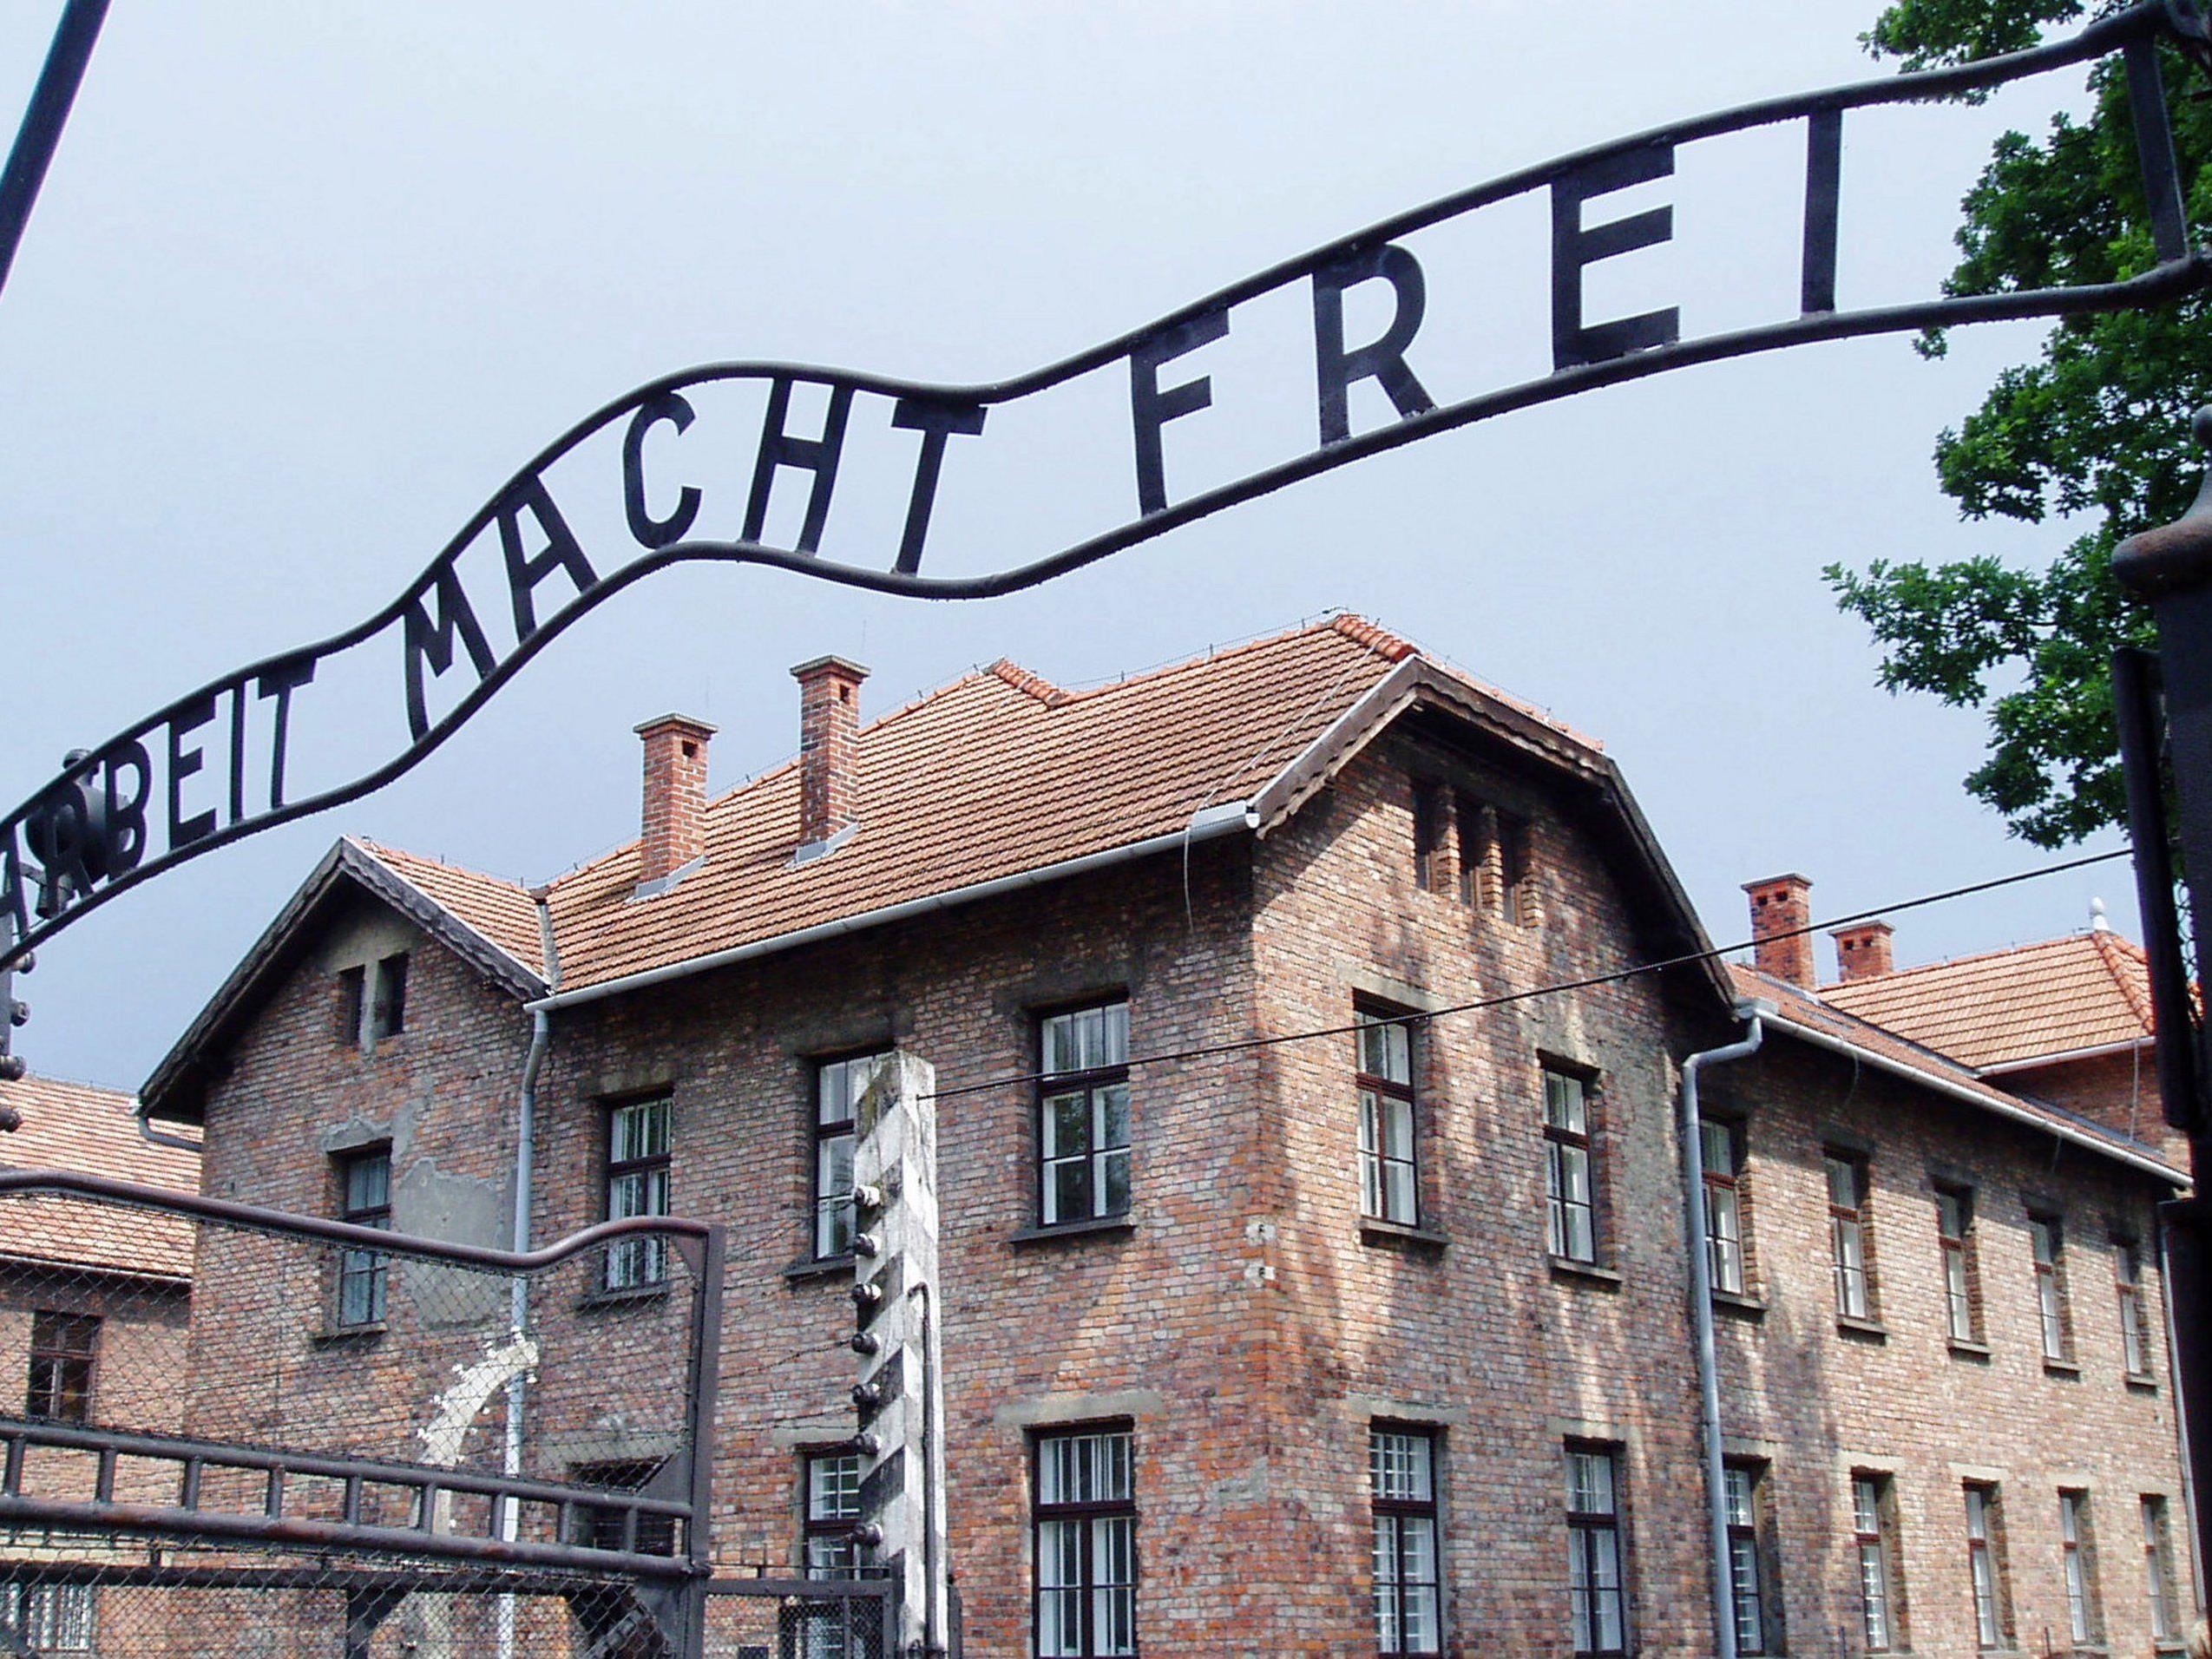 Christliche Kirchen in Österreich plädieren für offiziellen Holocaust-Gedenktag.